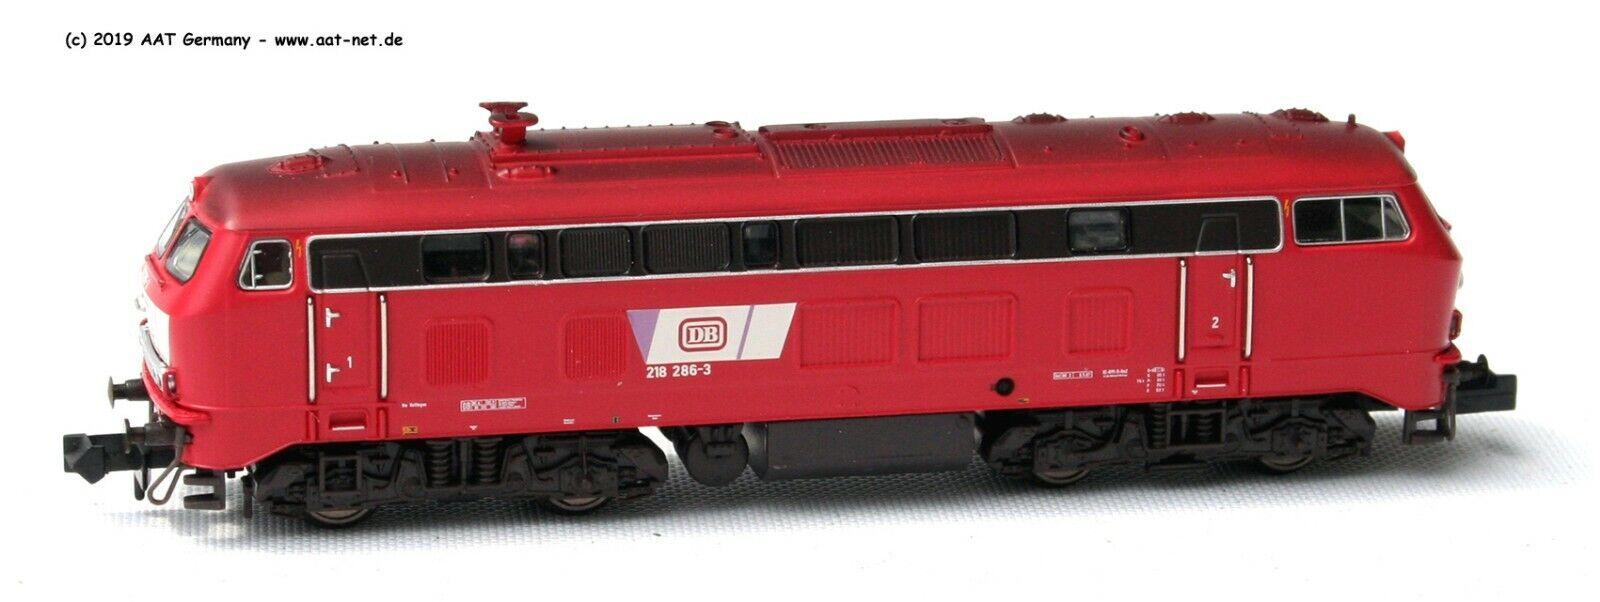 Minitrix N 16288 - Locomoore Diesel Br 218 286 -3 DB Ep.IV Nuovo e Confezione